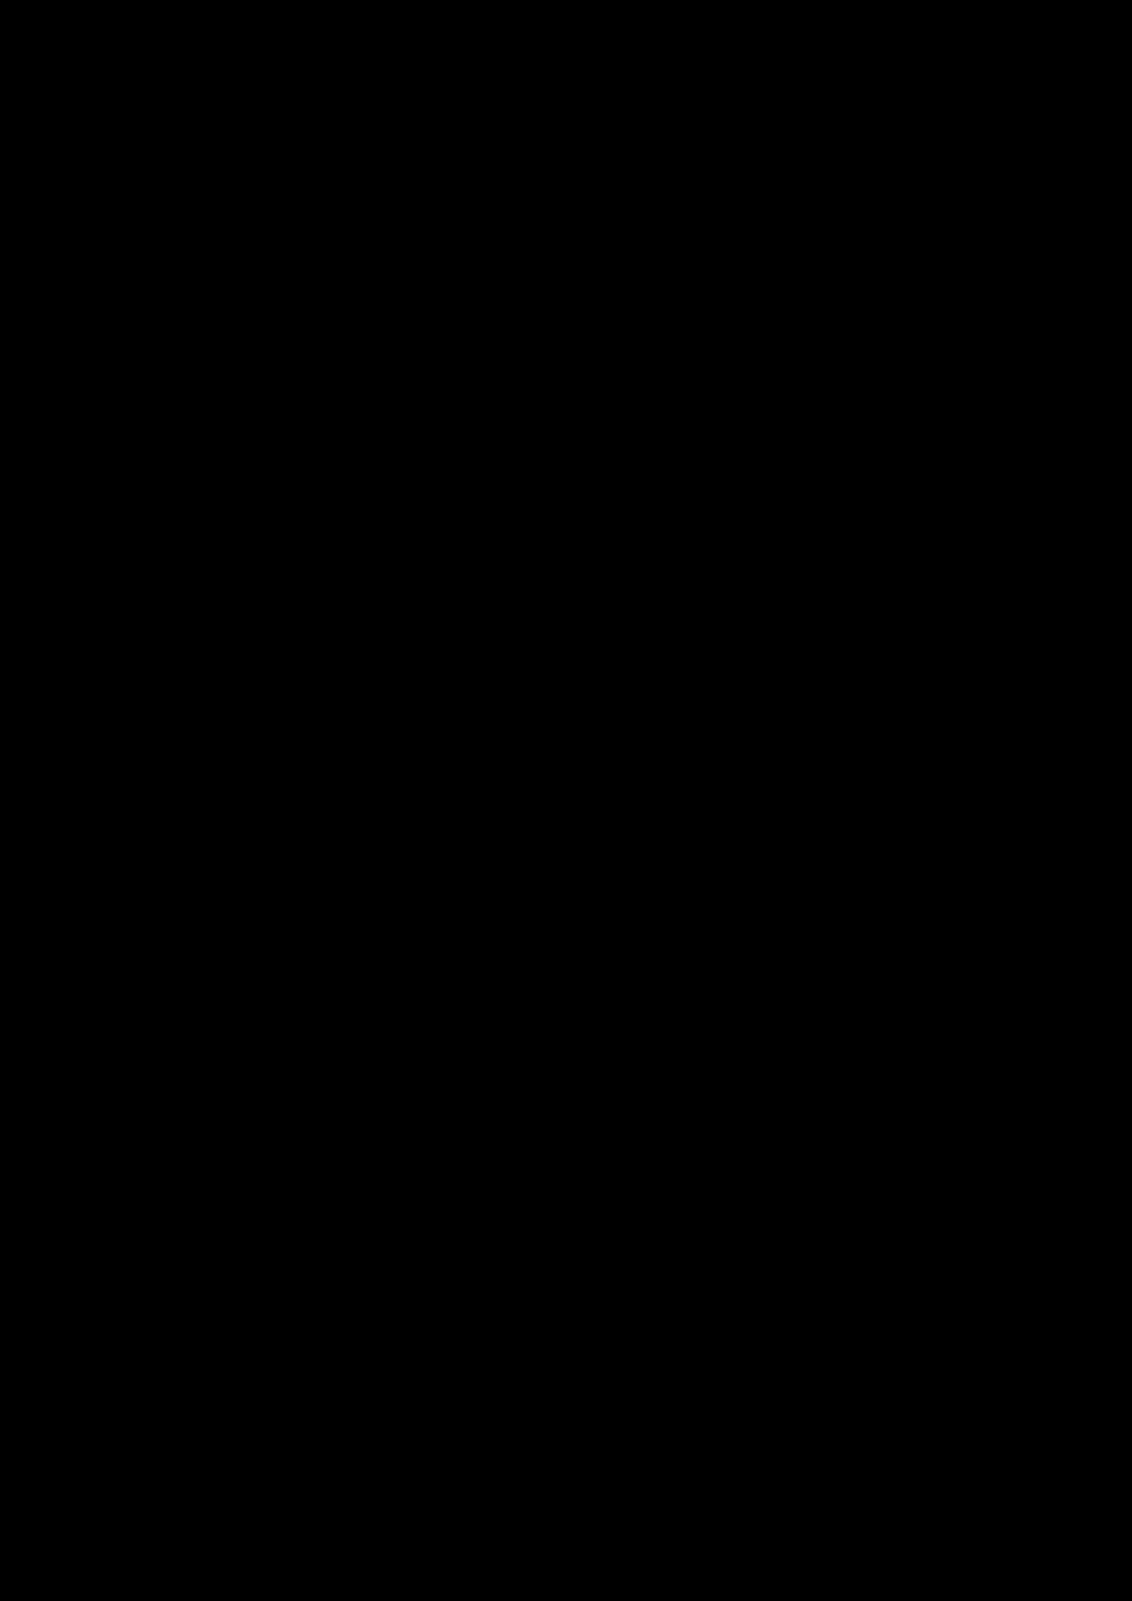 Zagadka volshebnoy stranyi slide, Image 128